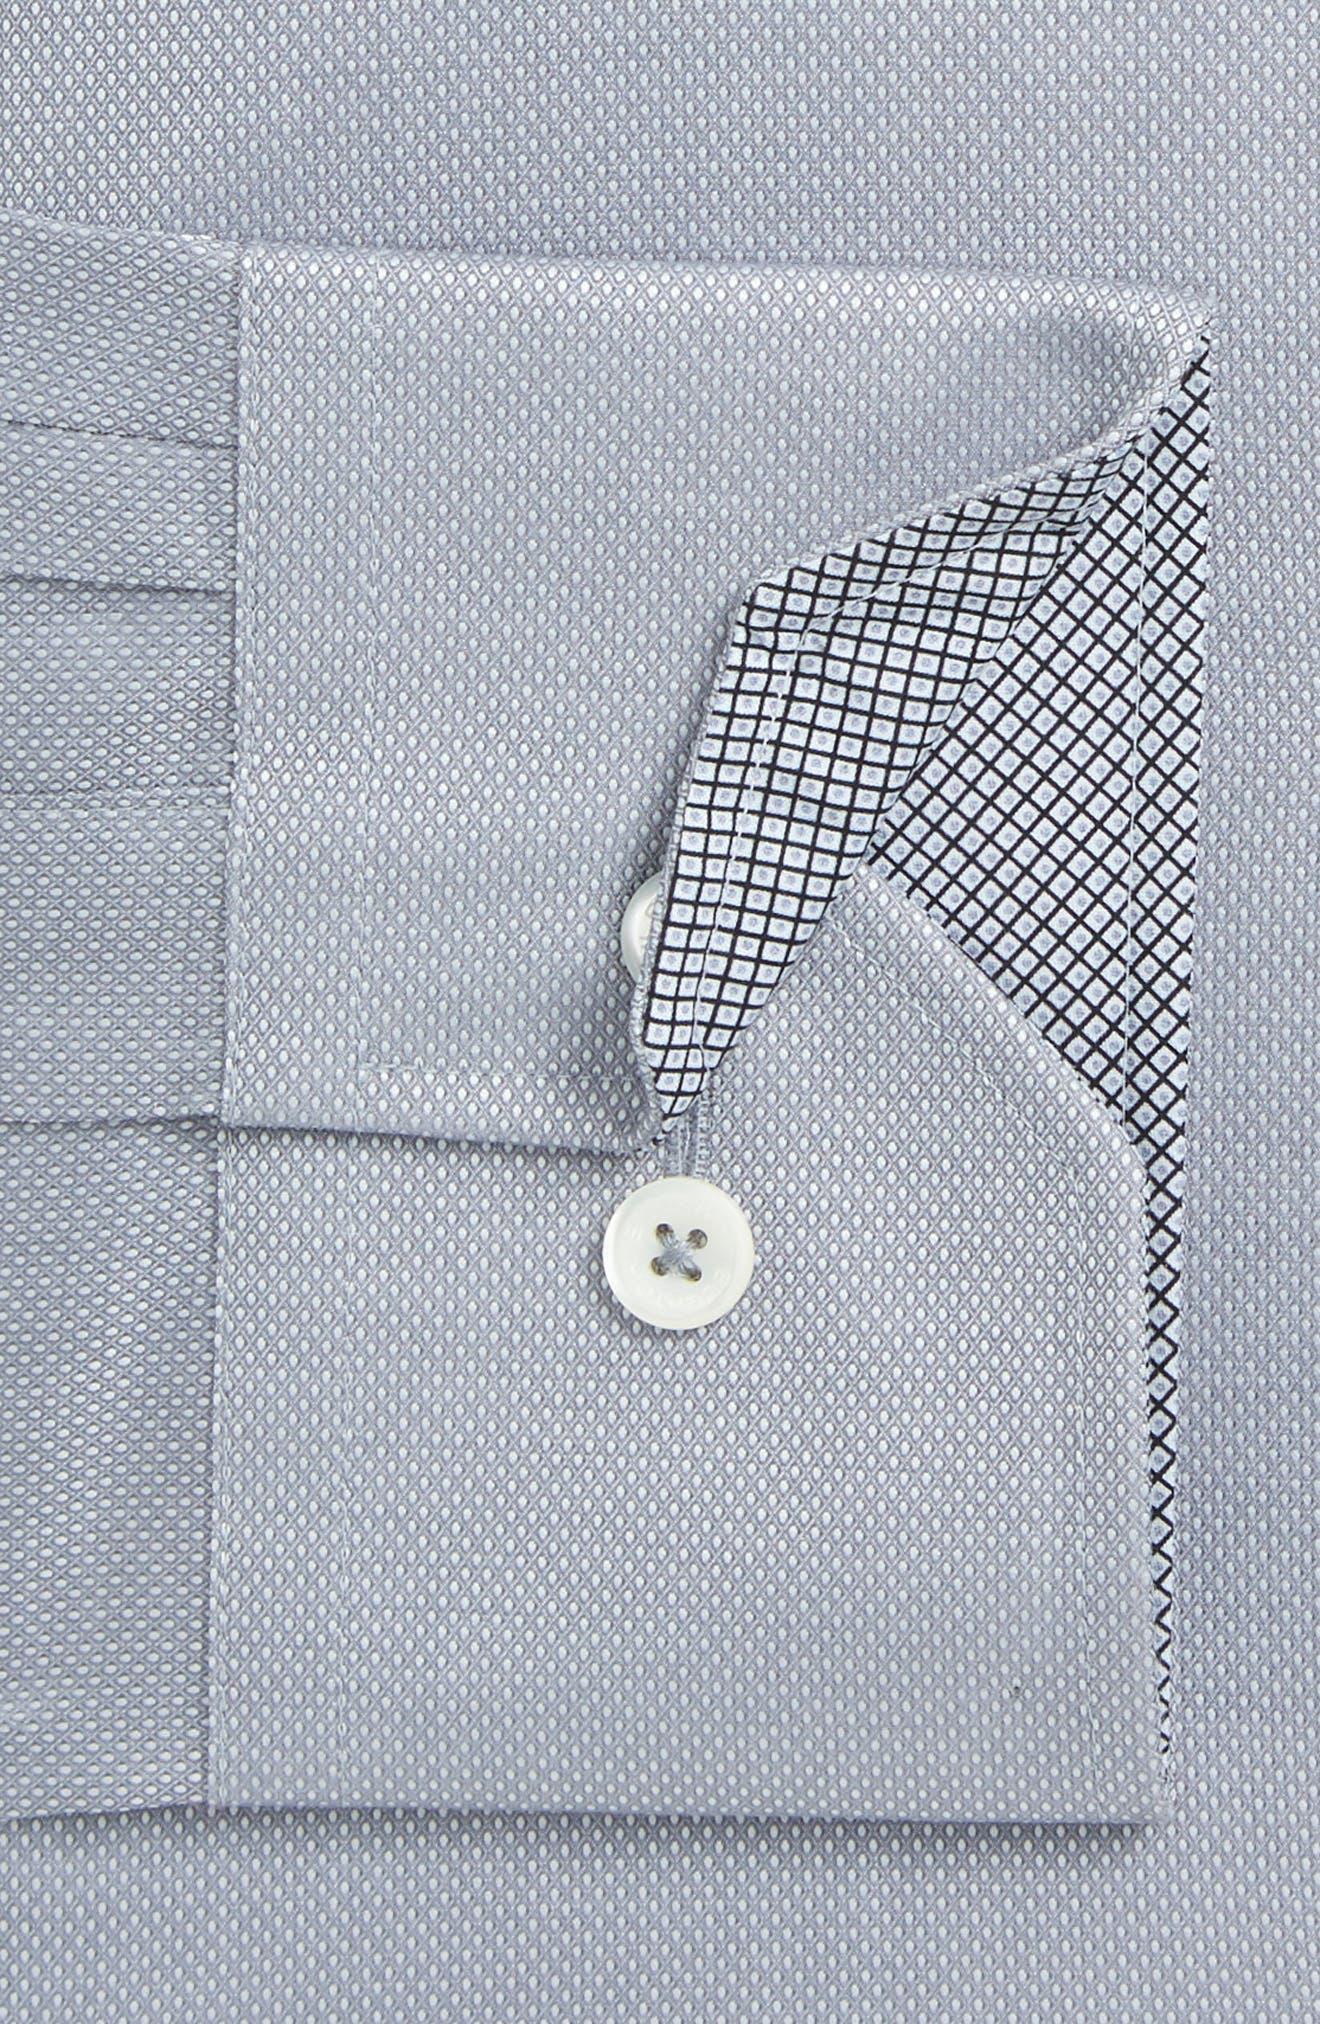 Trim Fit Solid Dress Shirt,                             Main thumbnail 1, color,                             020